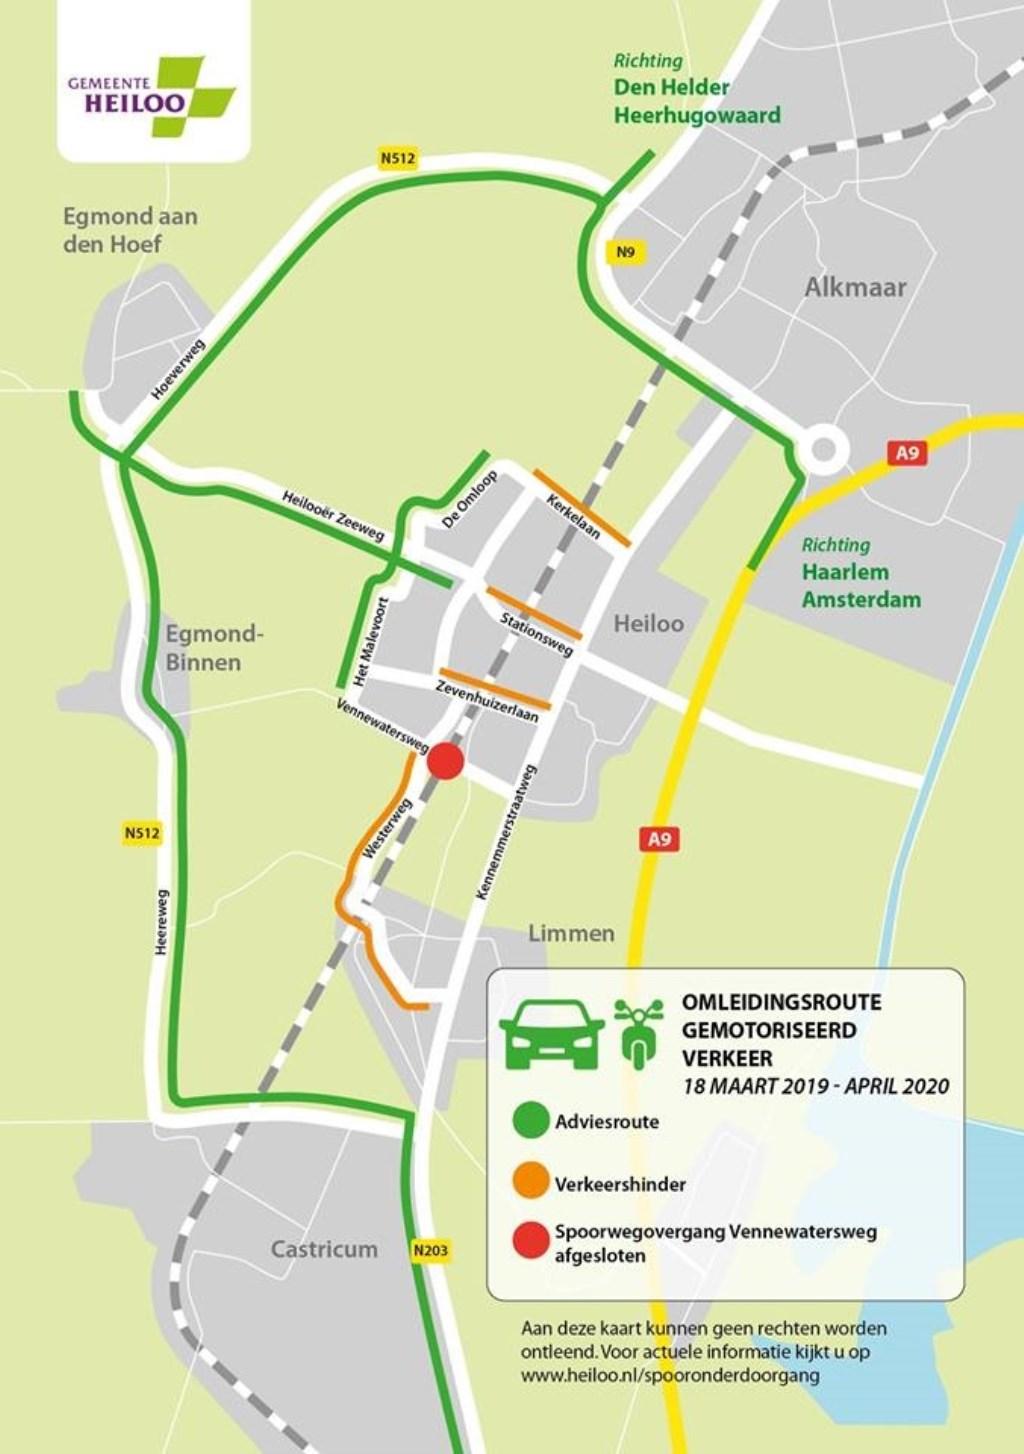 Omleidingsroute gemotoriseerd verkeer 18 maart 2019 - april 2020 Foto: Gemeente Heiloo © Uitkijkpost Media B.v.